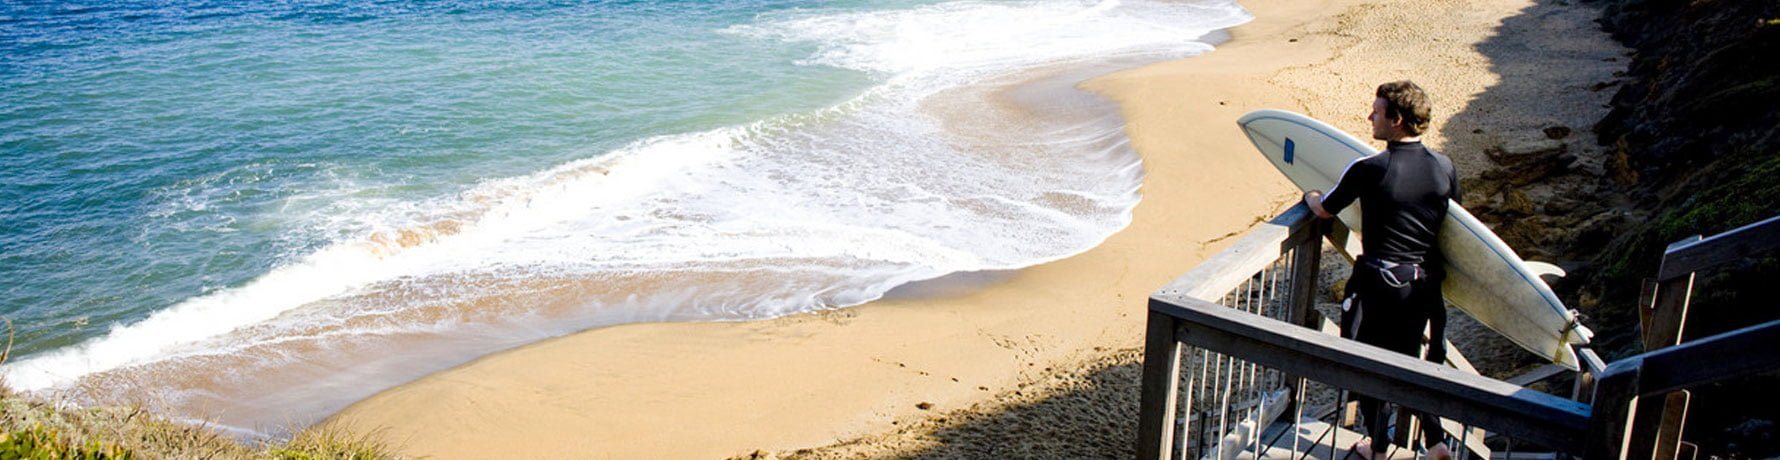 Migliori spiagge per fare surf Queensland